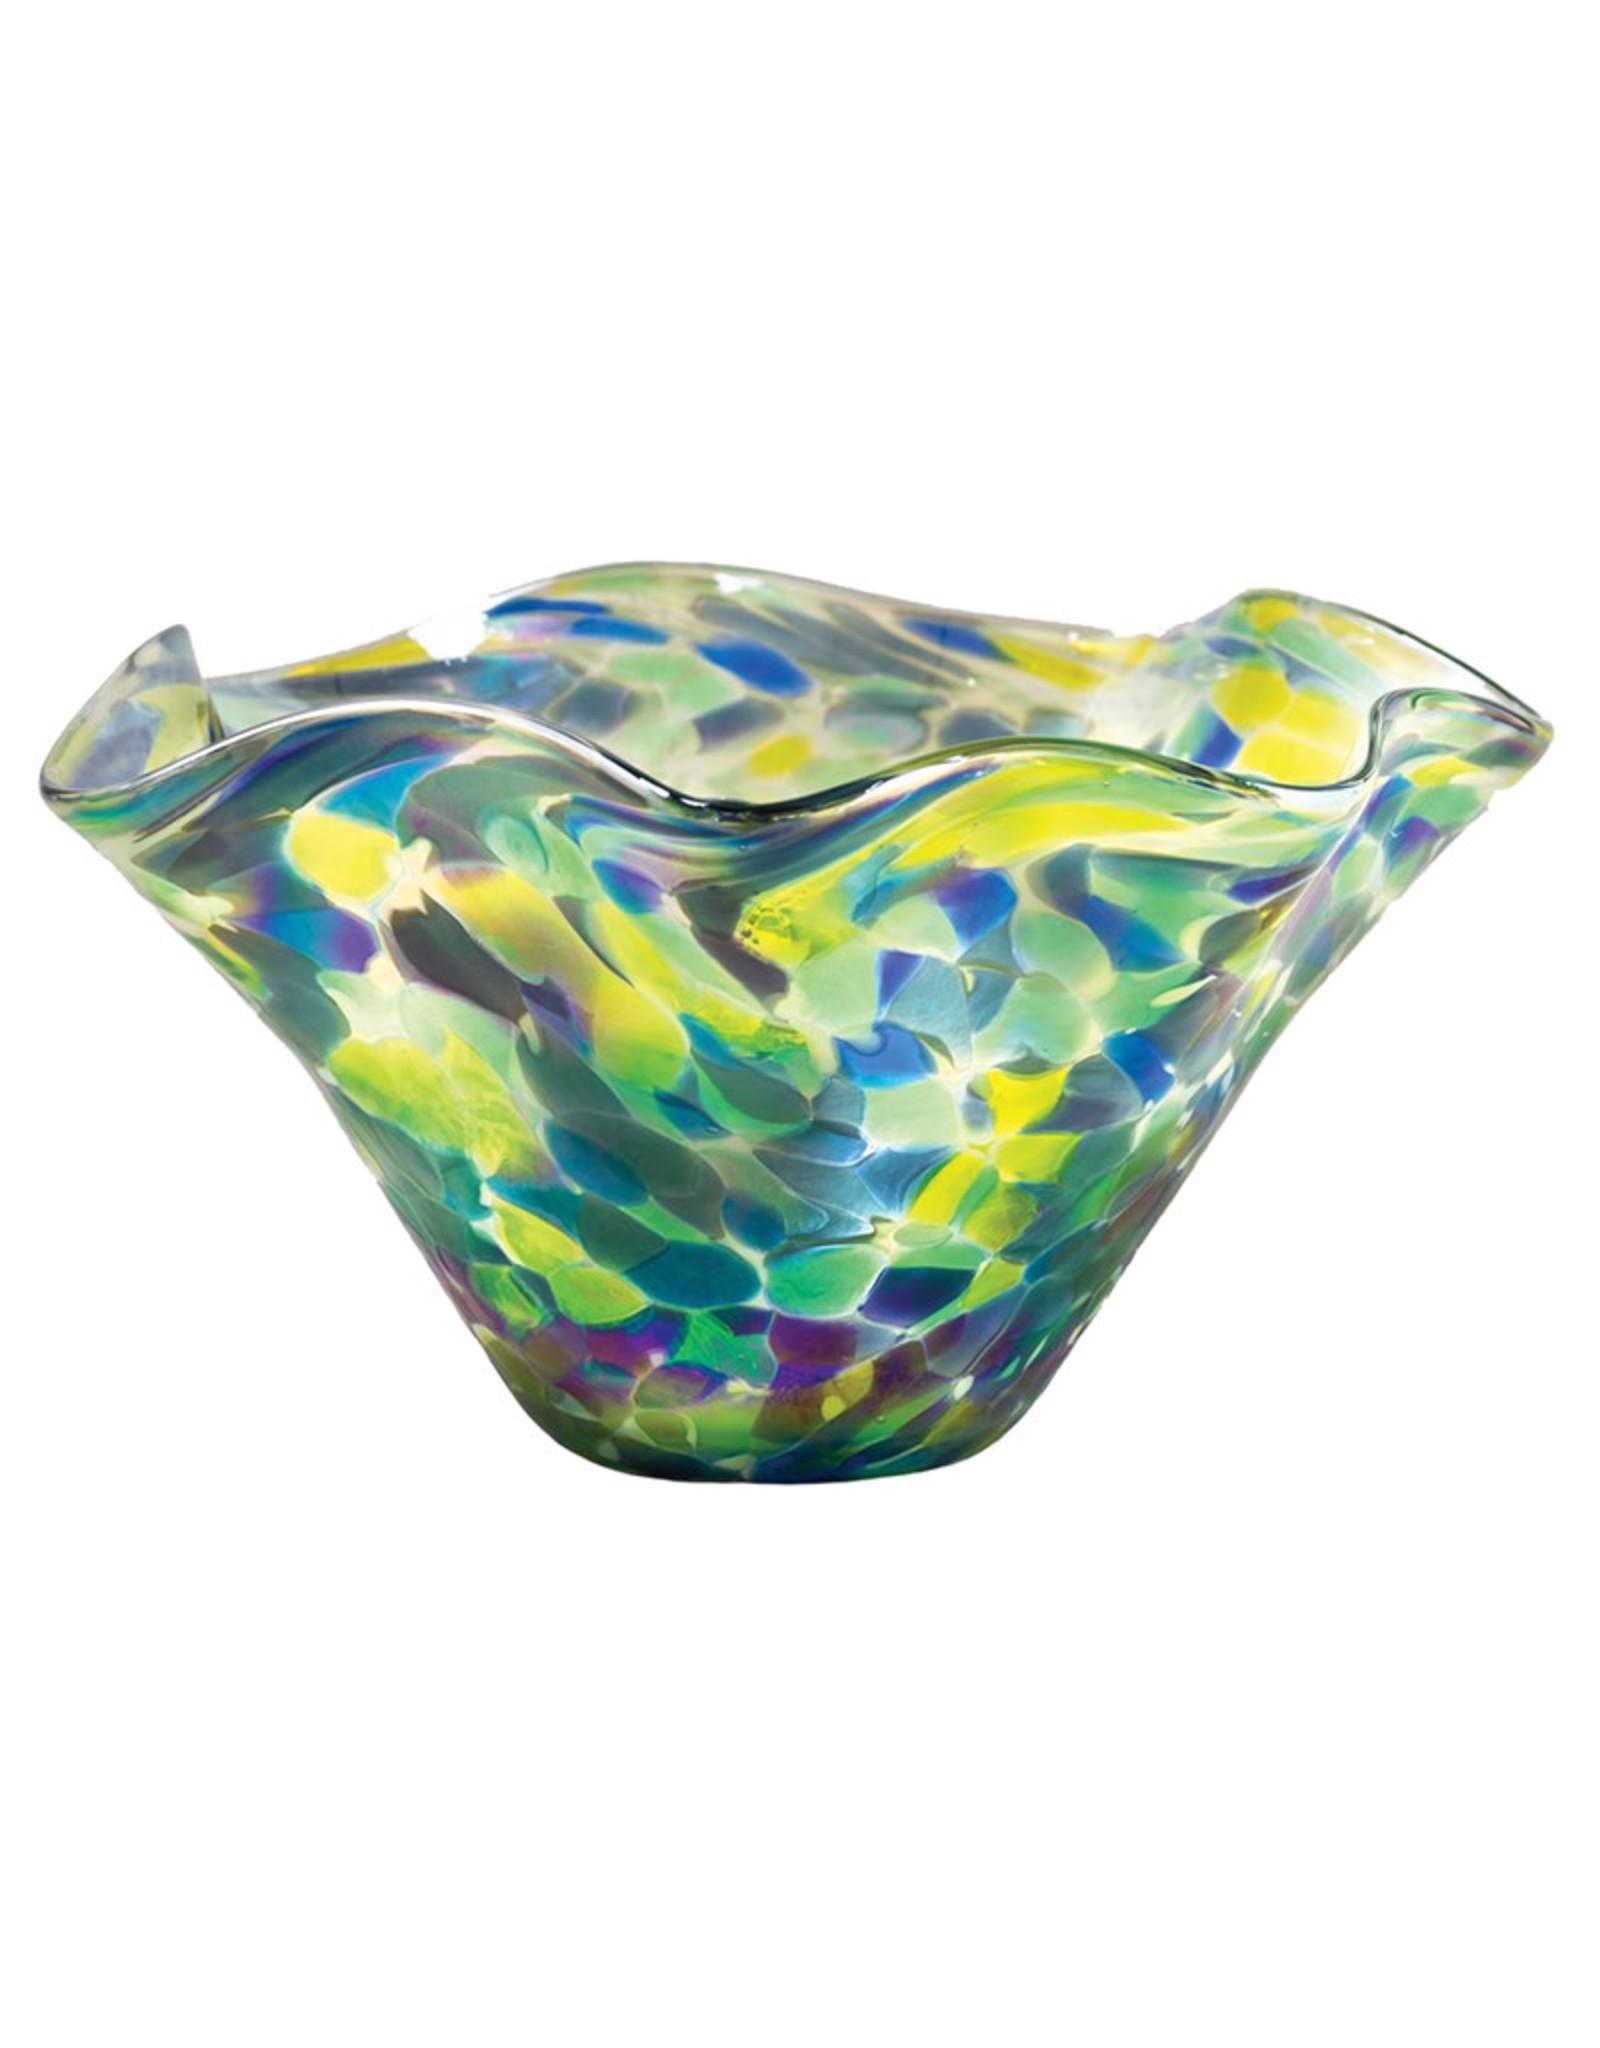 GLASS EYE BLUE BONNET MINI FLOPPY BOWL